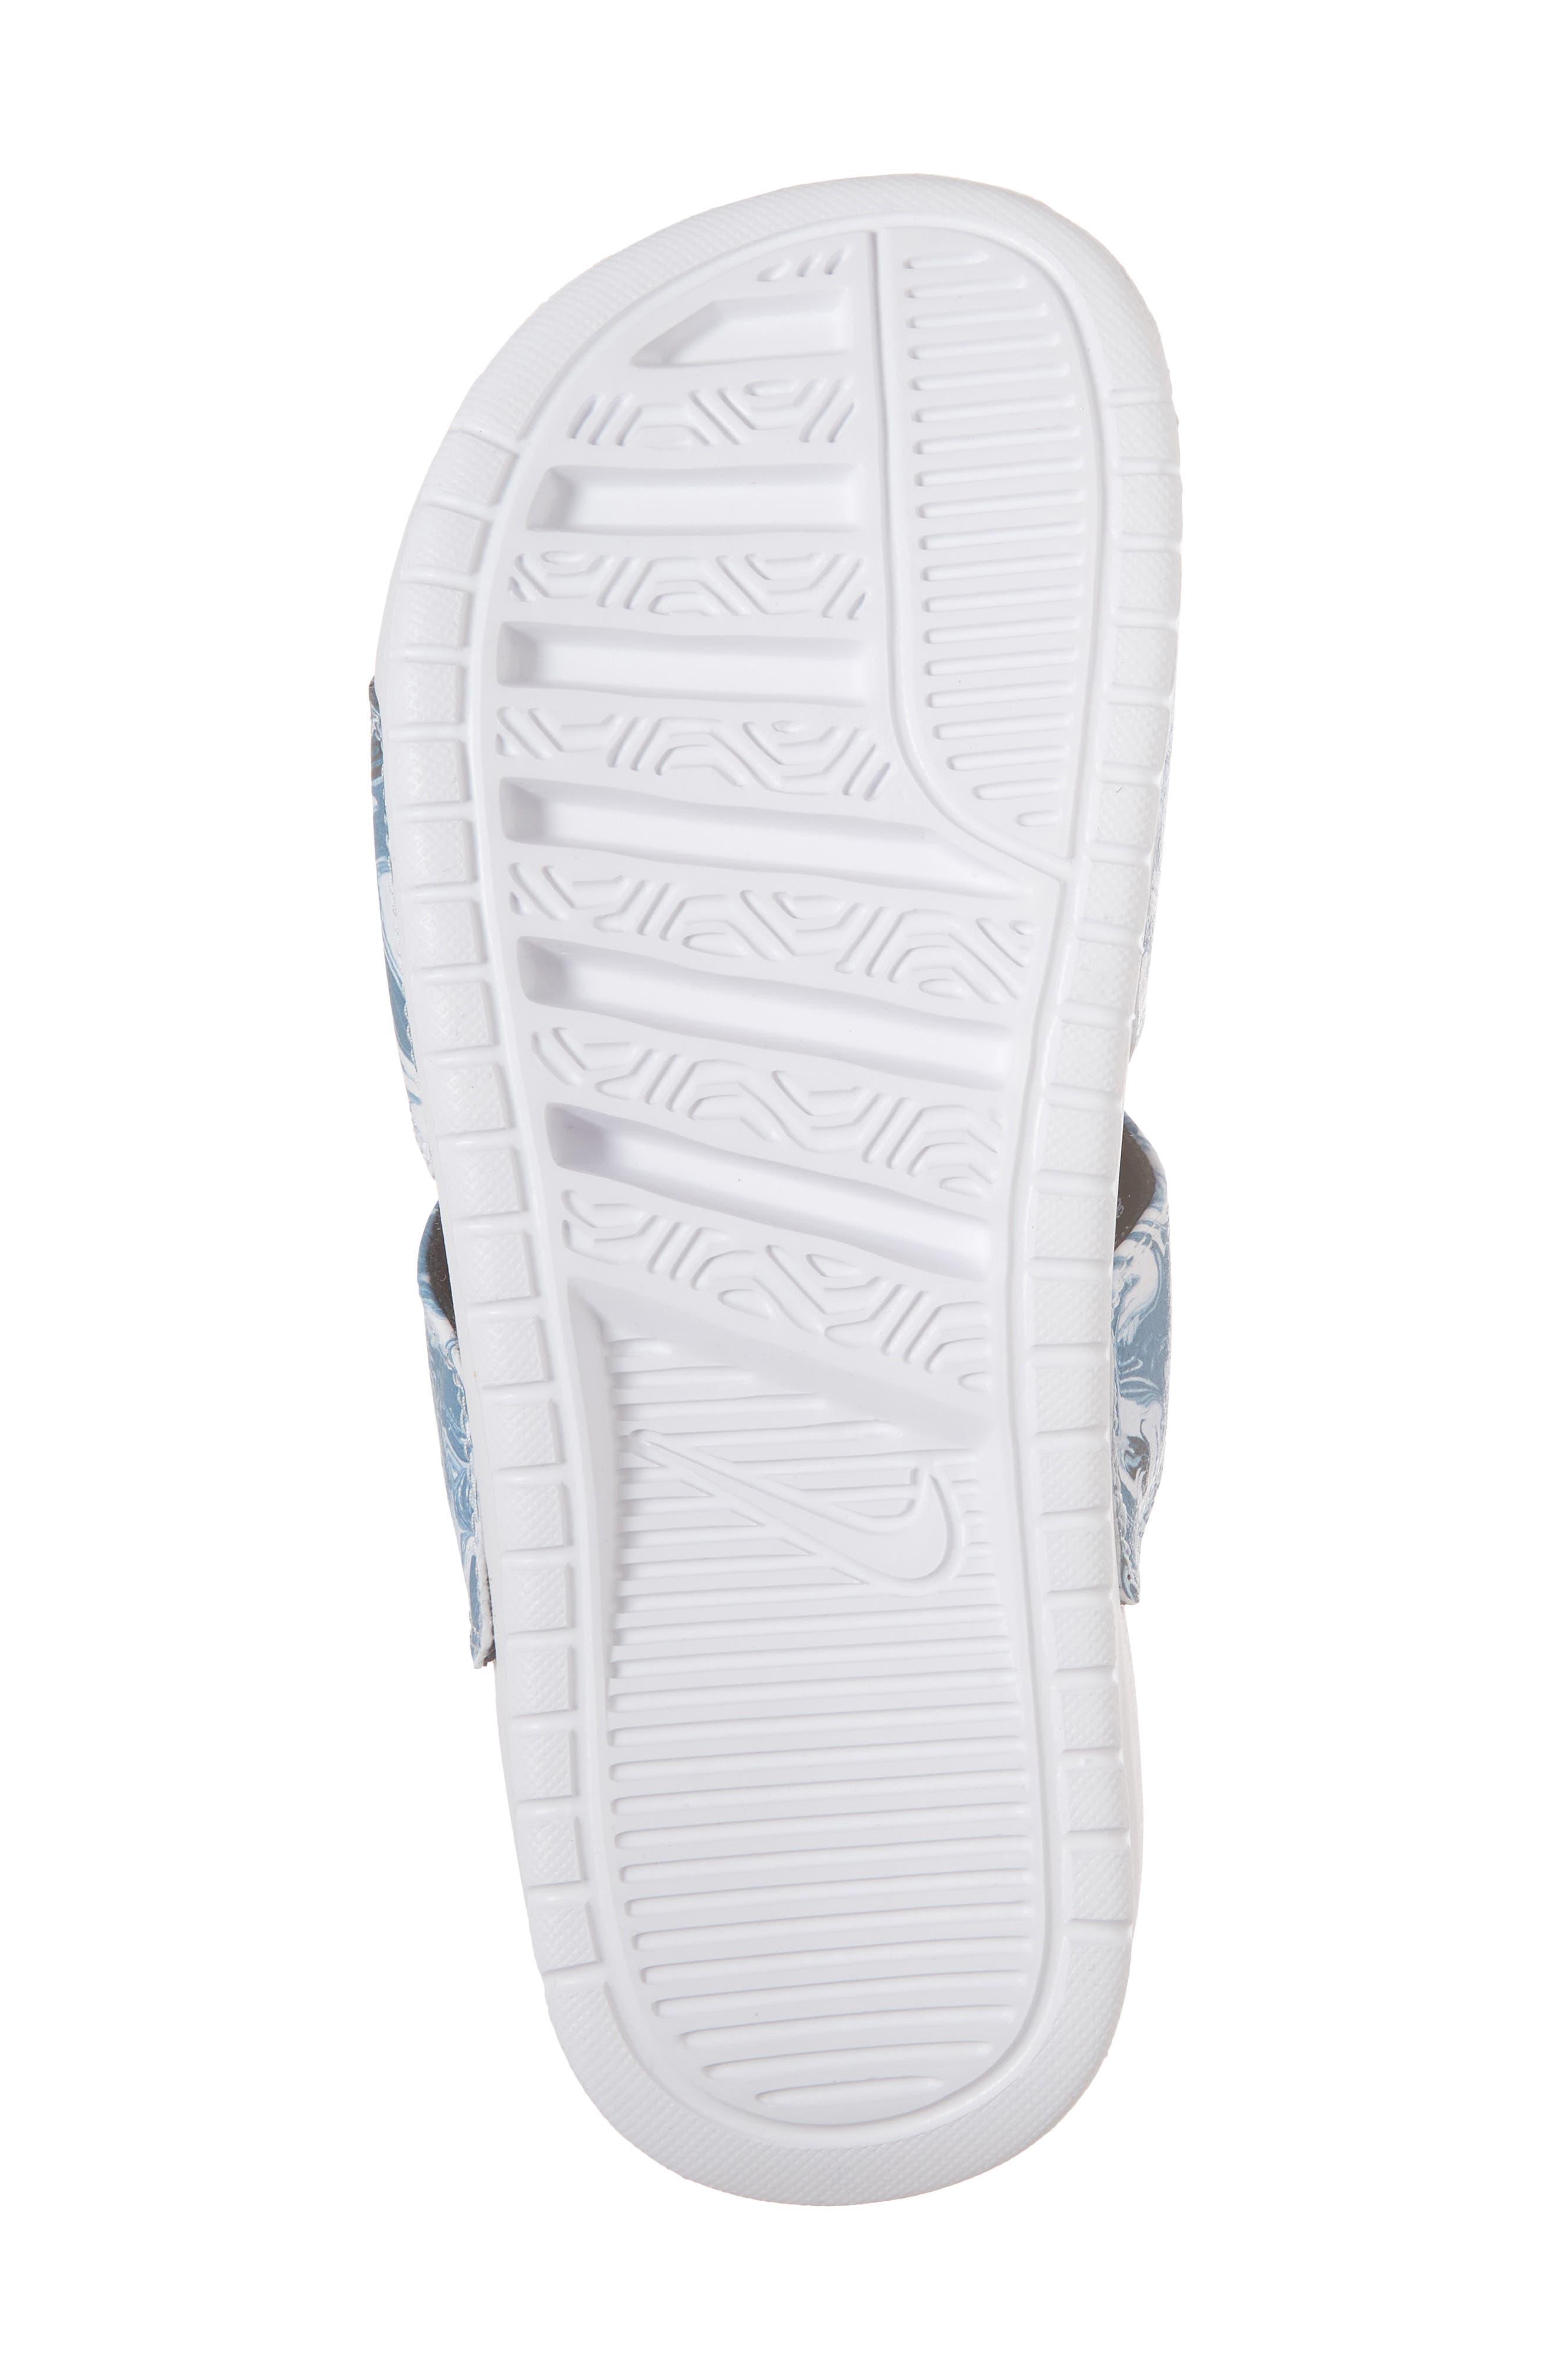 Benassi Duo Ultra Slide Sandal,                             Alternate thumbnail 6, color,                             BLACK/ WHITE